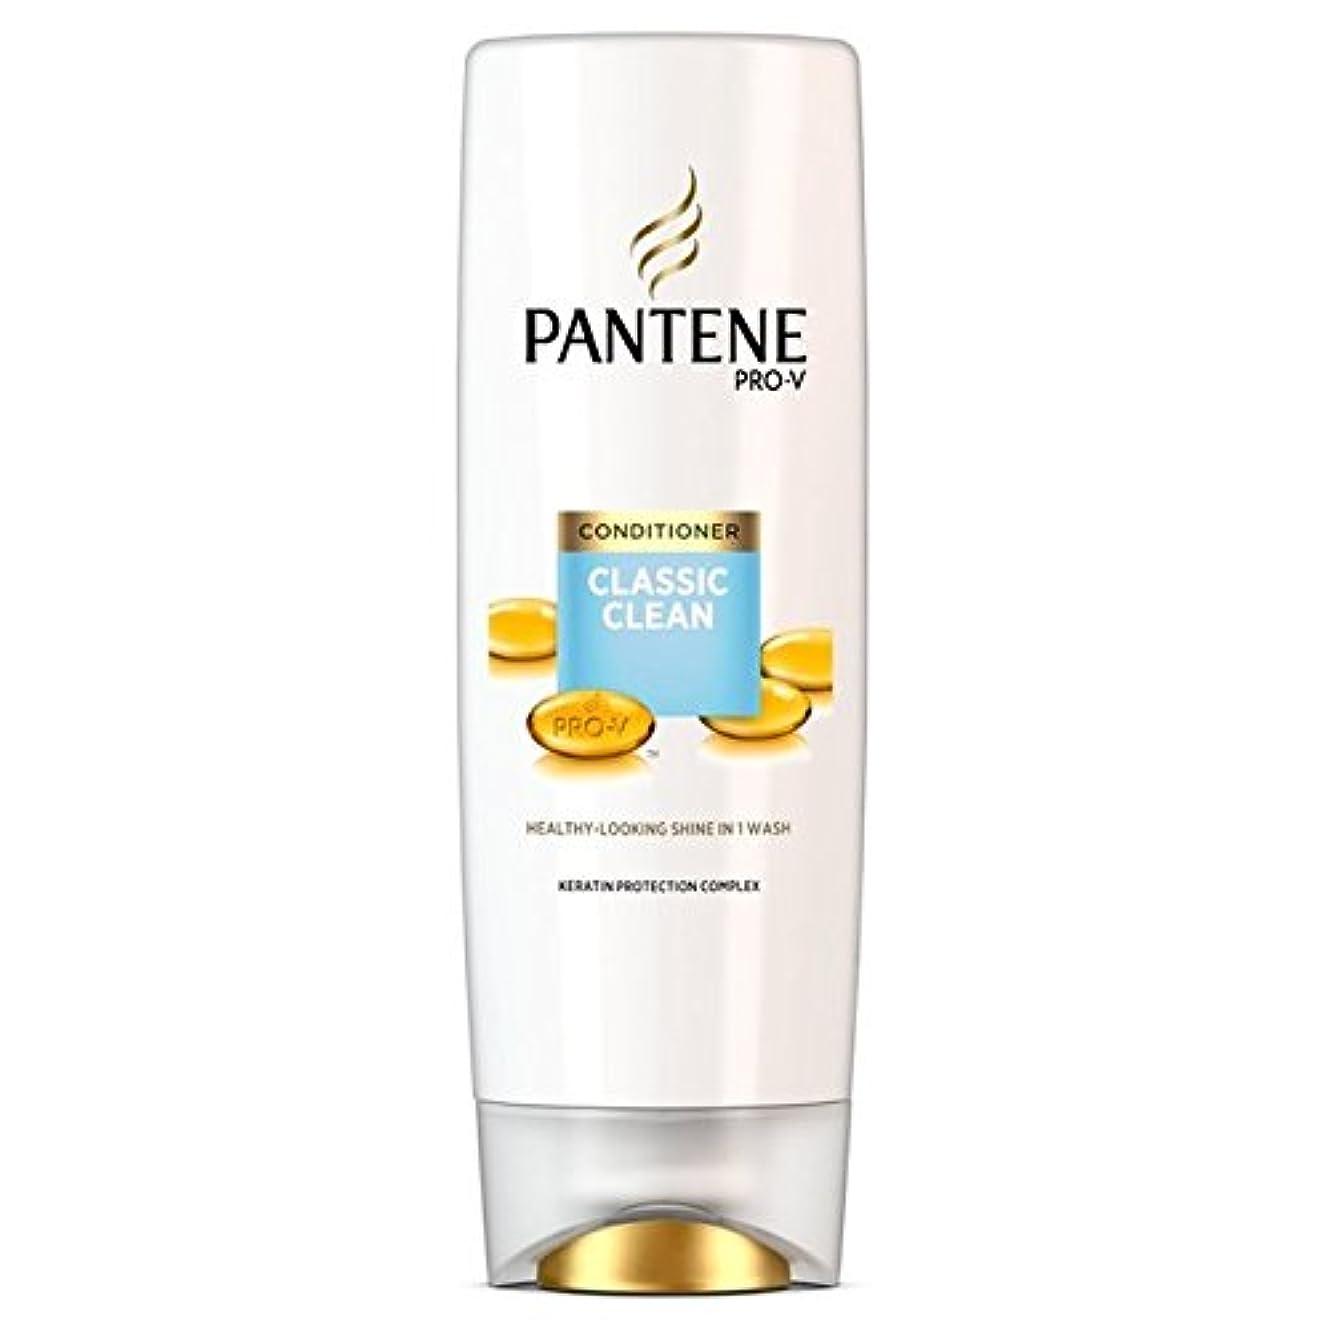 アセンブリメロディアス田舎者Pantene Classic Clean Conditioner 360ml - パンテーン古典的なクリーンコンディショナー360ミリリットル [並行輸入品]